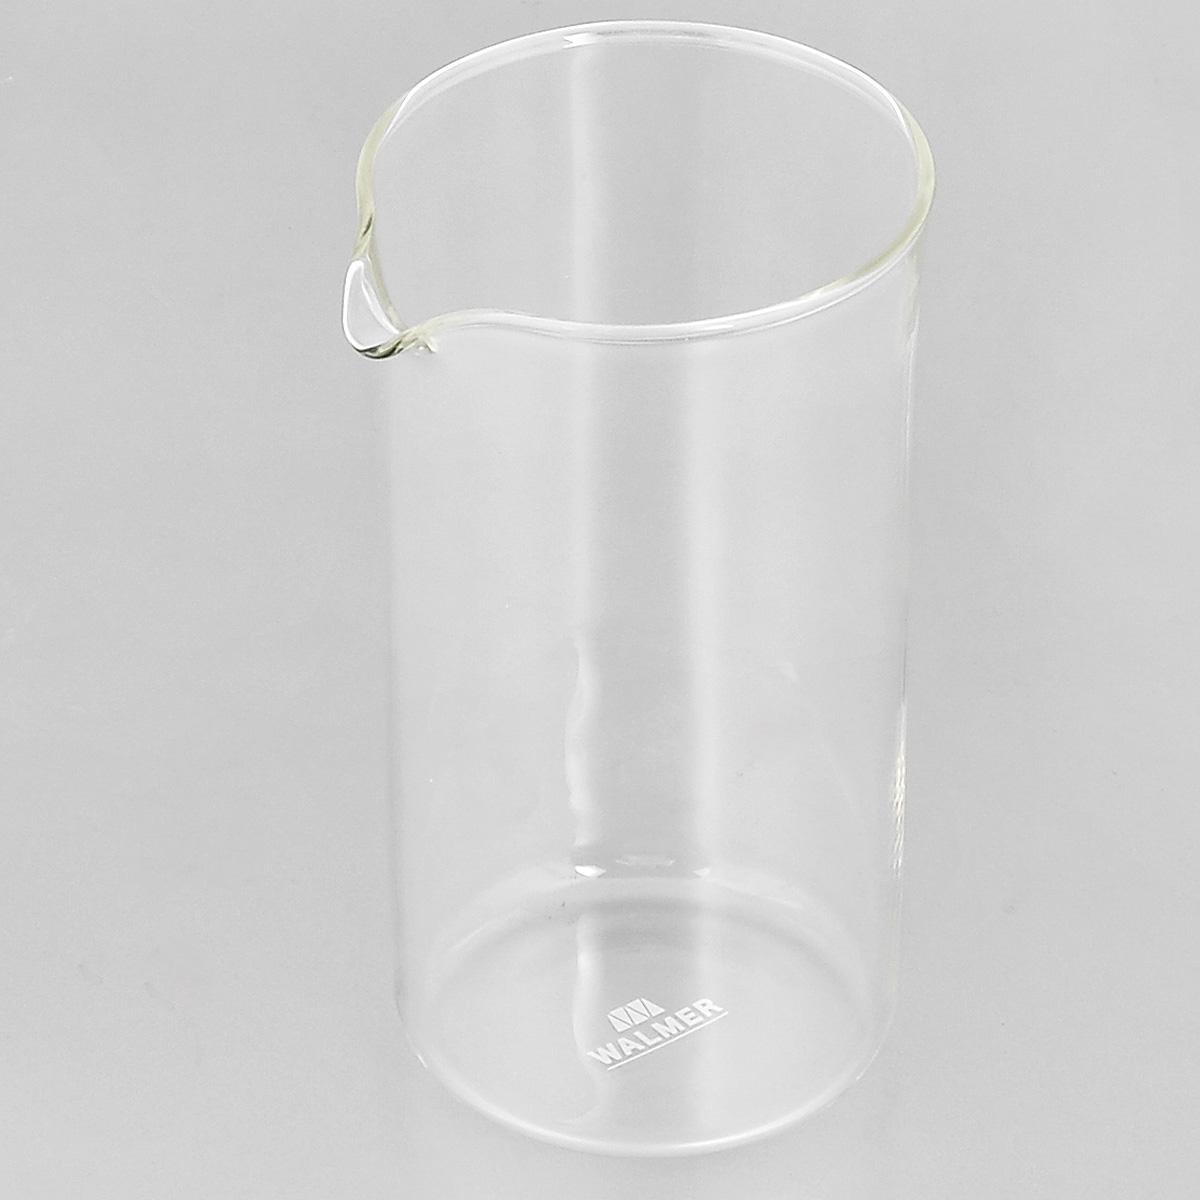 Колба для кофейников Walmer, 350 млCM000001328Колба Walmer, изготовленная из высококачественного прозрачного стекла, предназначена для кофейников и френч-прессов. Изделие прекрасно подойдет для замены старой разбитой колбы. Это сосуд, который напрямую контактирует с напитком, поэтому он должен быть выполнен из качественных материалов. Изделие выдерживает высокие температуры и не мутнеет при многократном мытье. Данная колба прослужит вам надежно и долго.Можно мыть в посудомоечной машине.Диаметр: 7 см.Высота: 13,5 см.Объем: 350 мл.